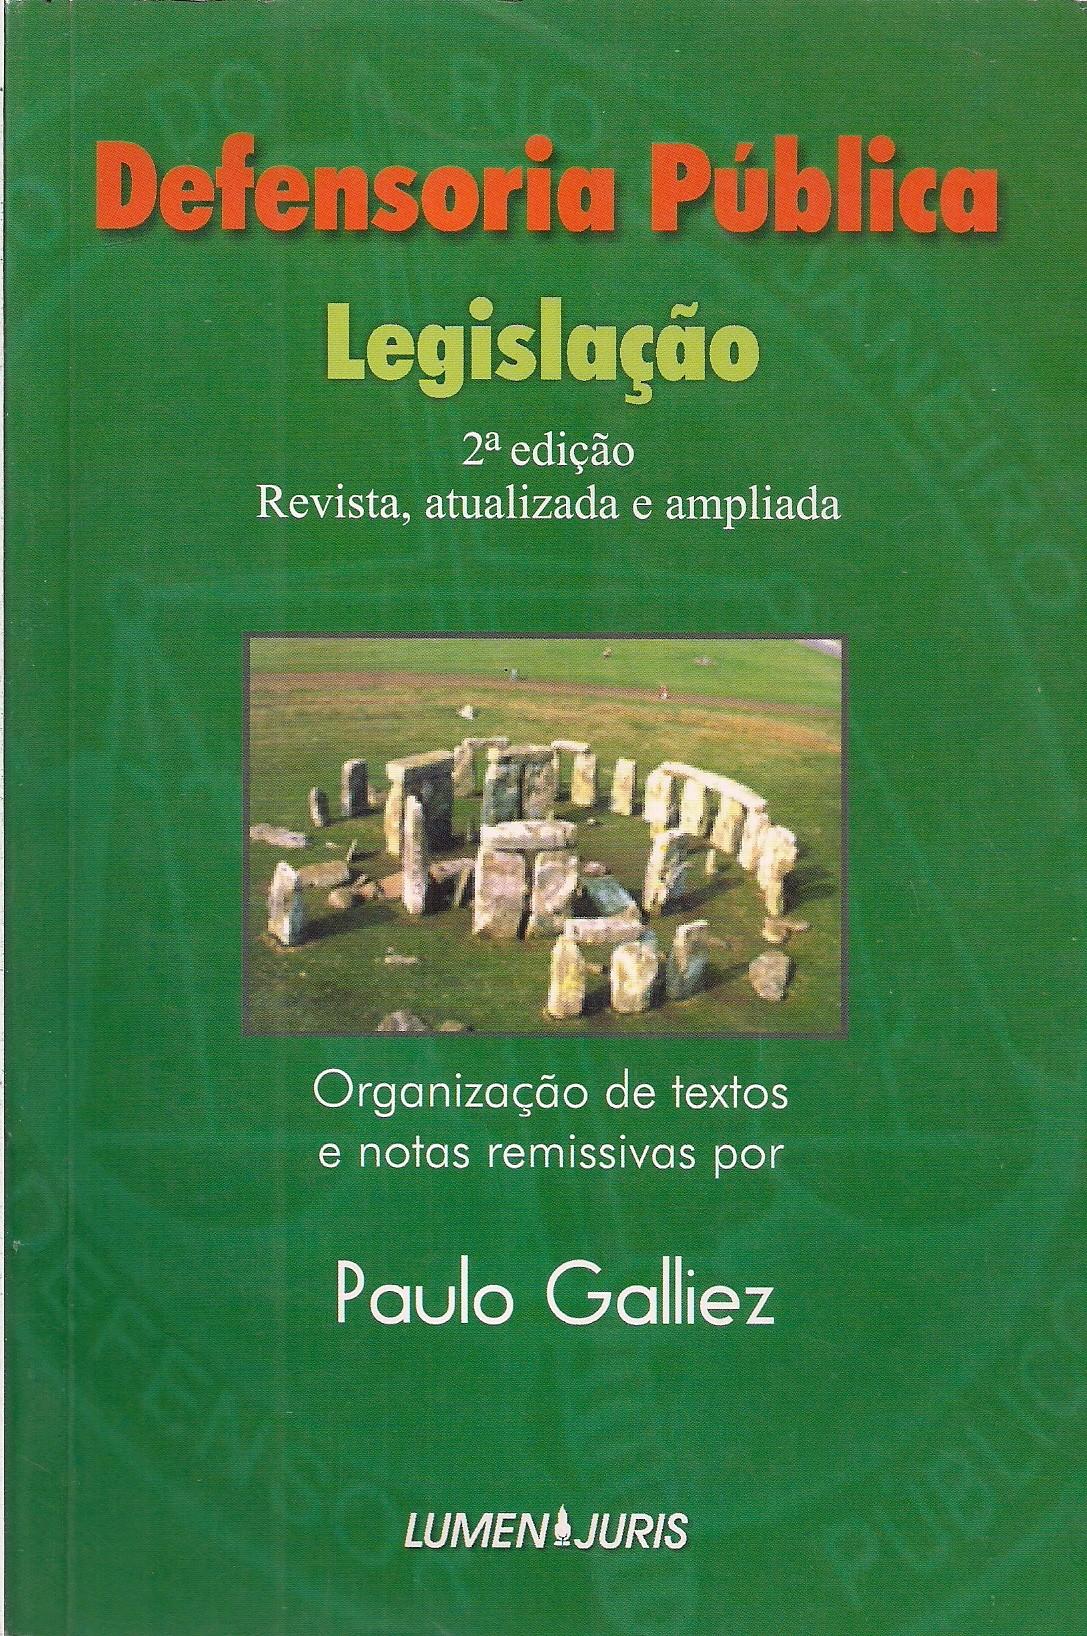 Foto 1 - Defensoria Pública - Legislação